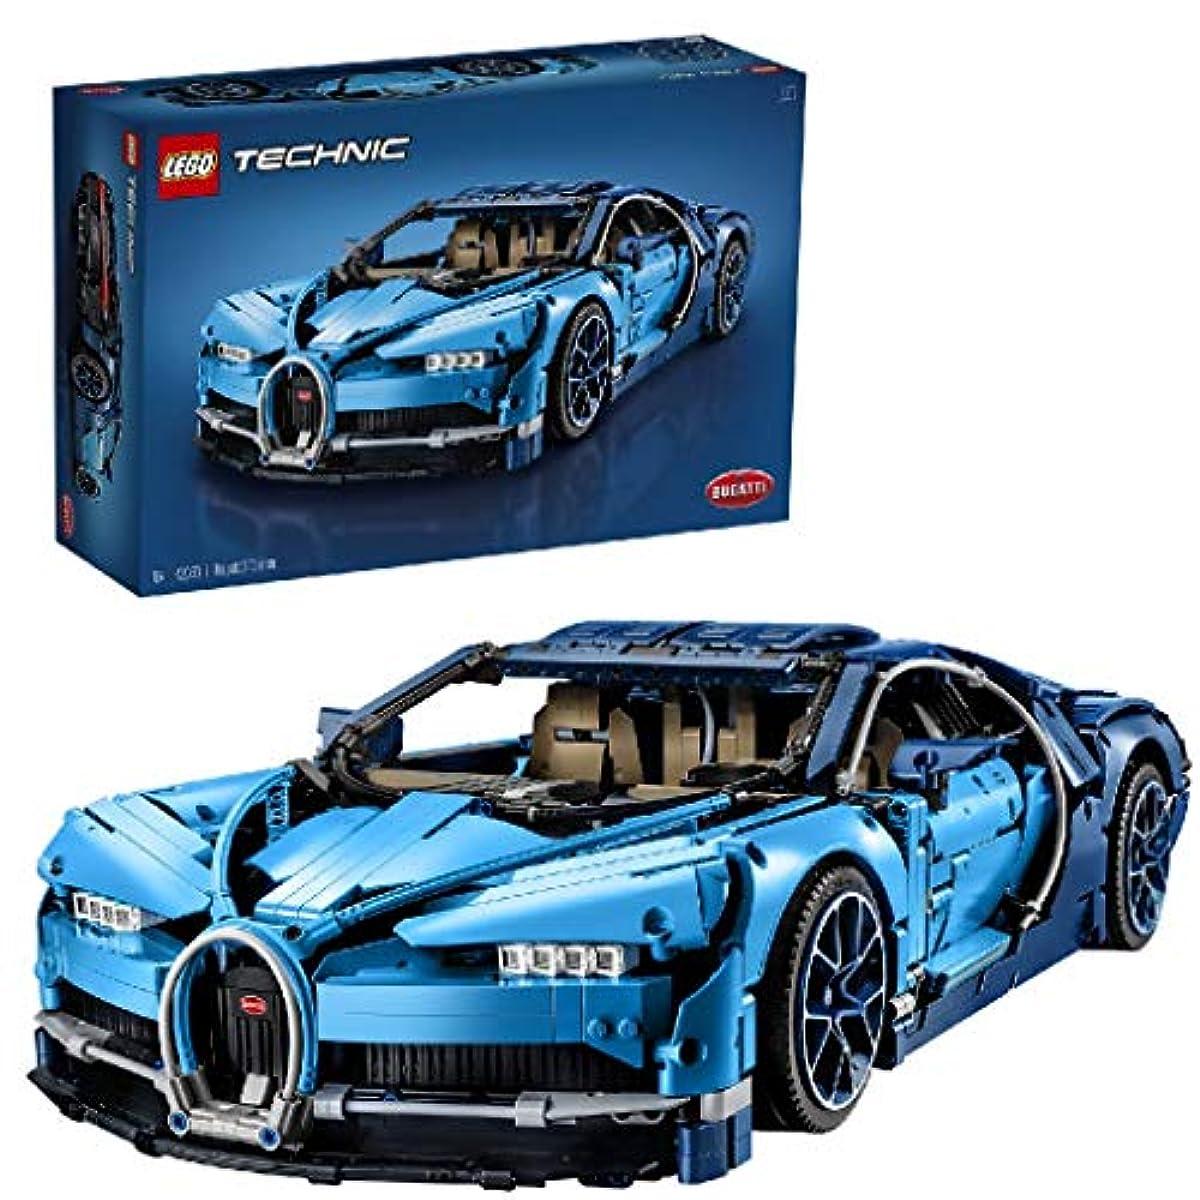 [해외] 레고(LEGO) 테크닉 부갓티화이트 42083 교육 완구 블럭 장난감 사내 아이